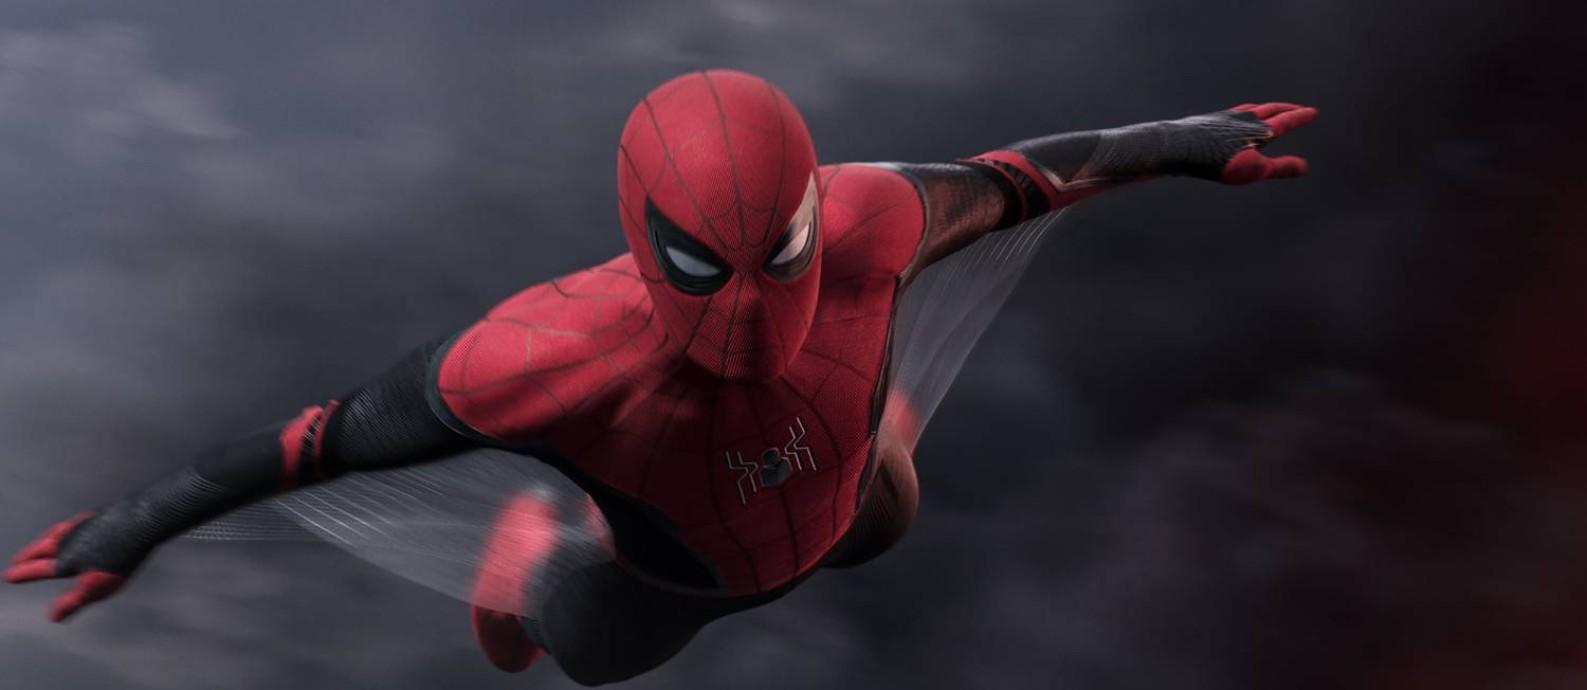 Marvel Perde Direitos Sobre Homem Aranha Se Longe De Casa Nao